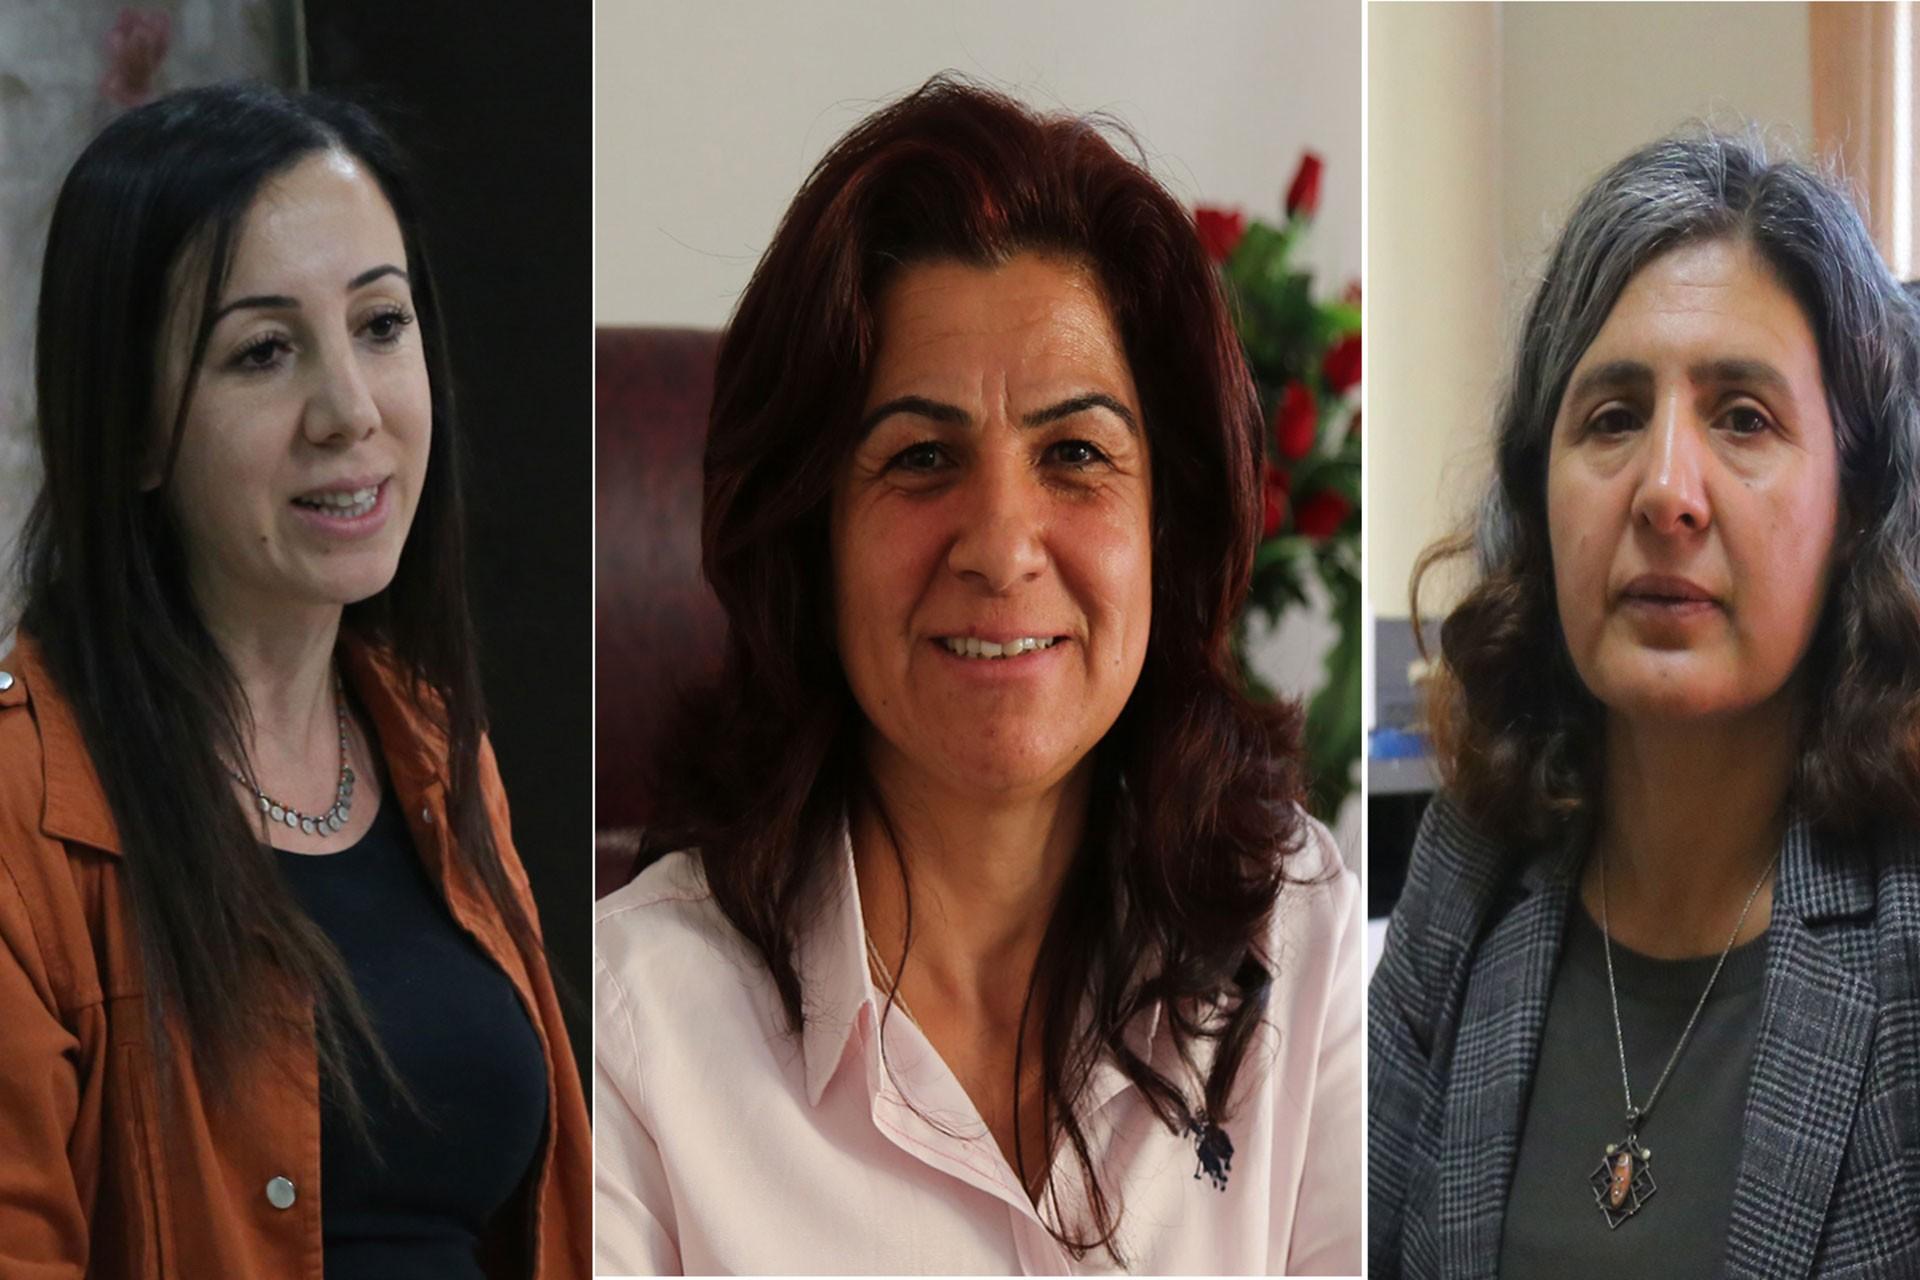 Mazıdağı Belediyesi Eş Başkanı Nalan Özaydın (solda), Derik Belediyesi Eş Başkanı Mülkiye Esmez (ortada) ve Savur Belediyesi Eş Başkanı Gülistan Öncü (sağda)